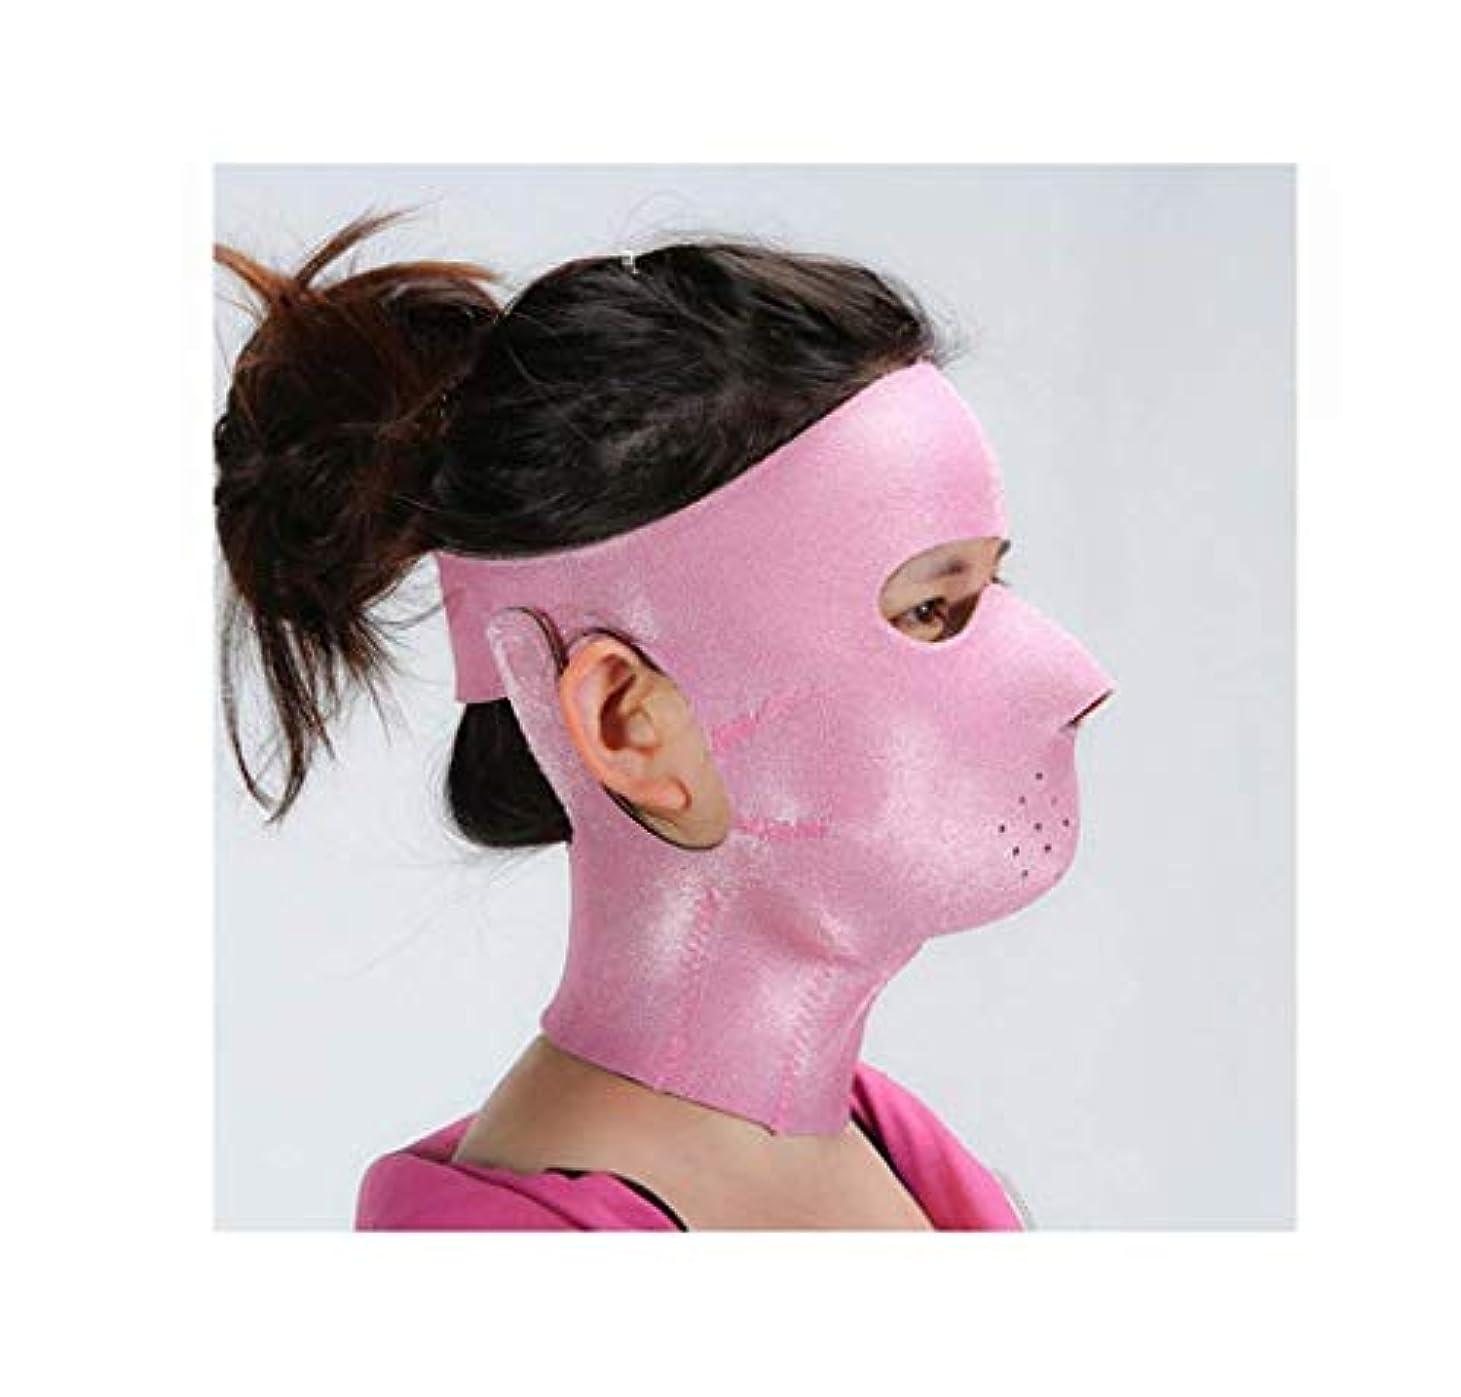 請求気性金属フェイスリフトマスク、フェイシャルマスクプラス薄いフェイスマスクタイトなたるみの薄いフェイスマスクフェイシャル薄いフェイスマスクアーティファクトビューティーネックストラップ付き